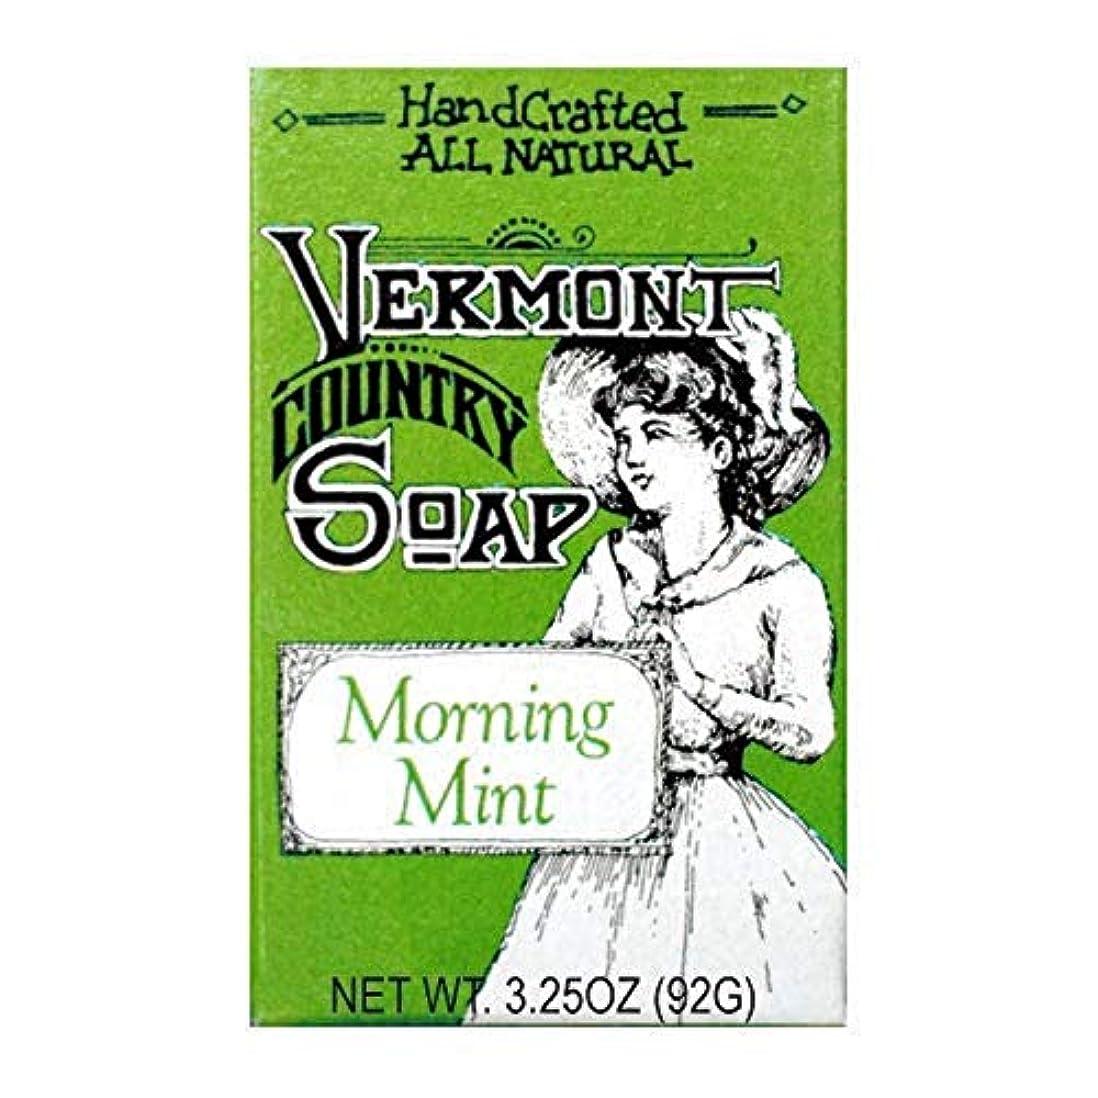 悲惨なしかし反論者バーモントカントリーソープ (モーニングミント) オーガニック石鹸 洗顔 92g